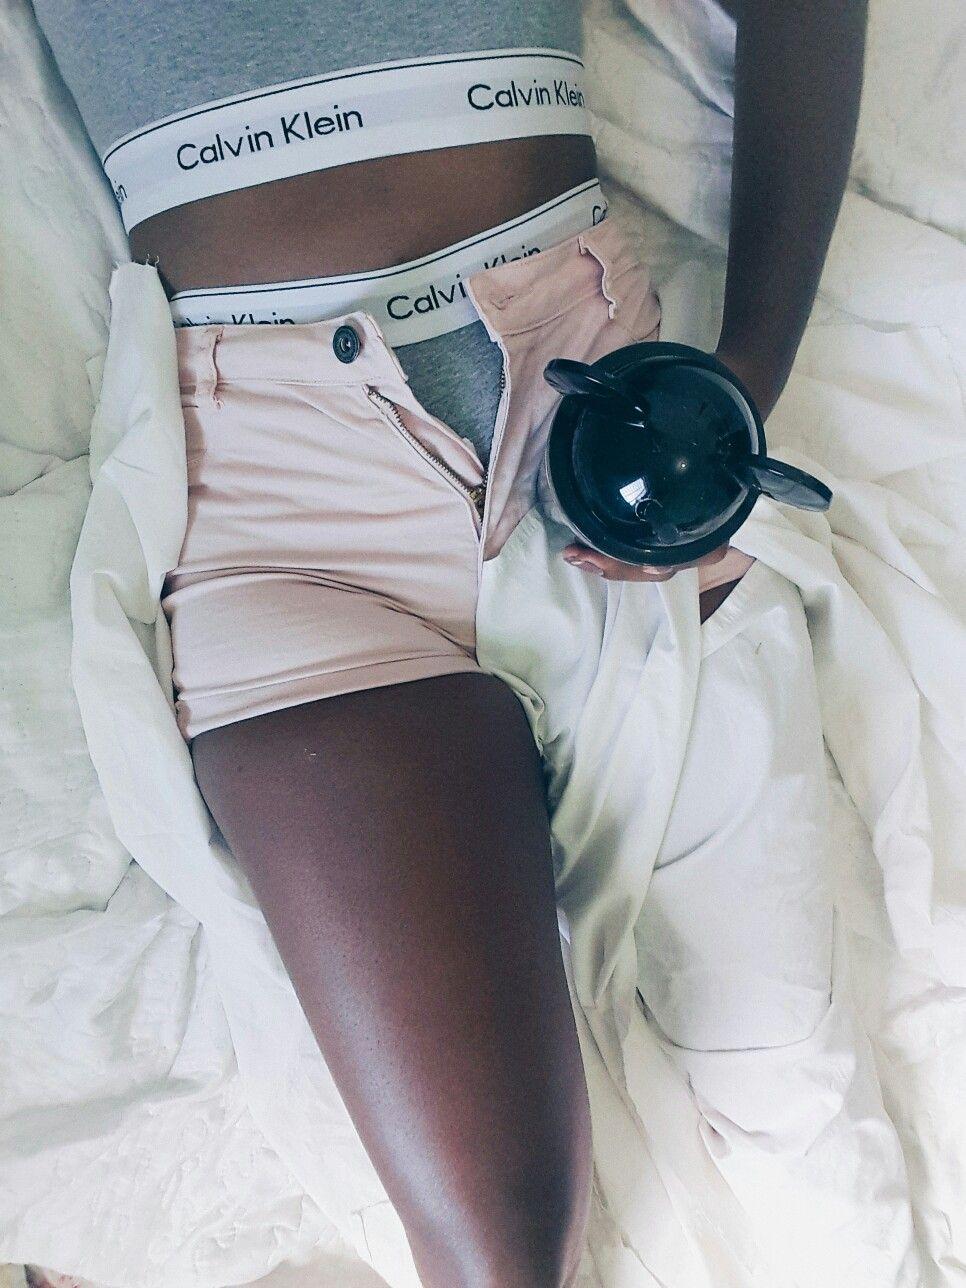 foto  CK  CalvinKlein  copo  tumblr  inspiração  short  negra ... 7498c06ece